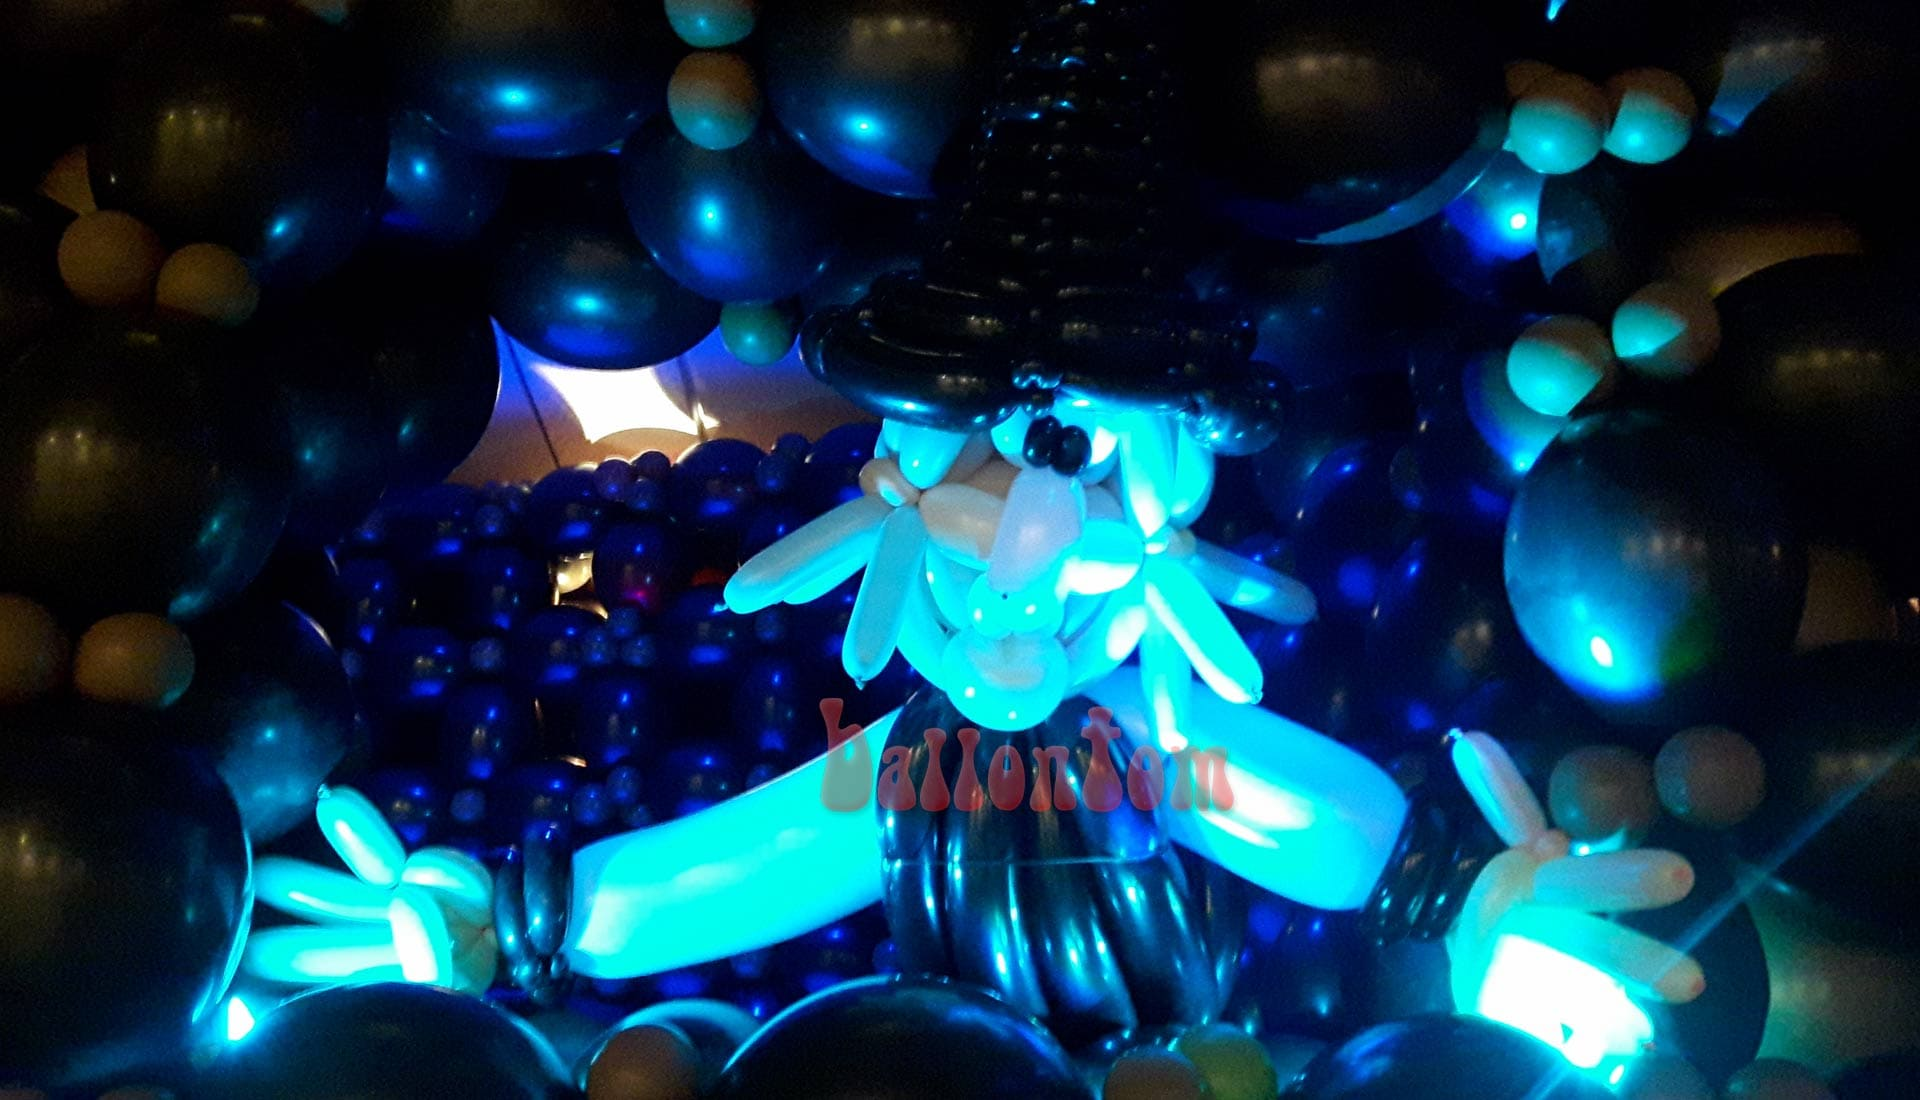 Ballonwelt zur Kinderoper Hensel und Gretel in Unterschleißheim Nähe München - Bild: Hexe beleuchtet